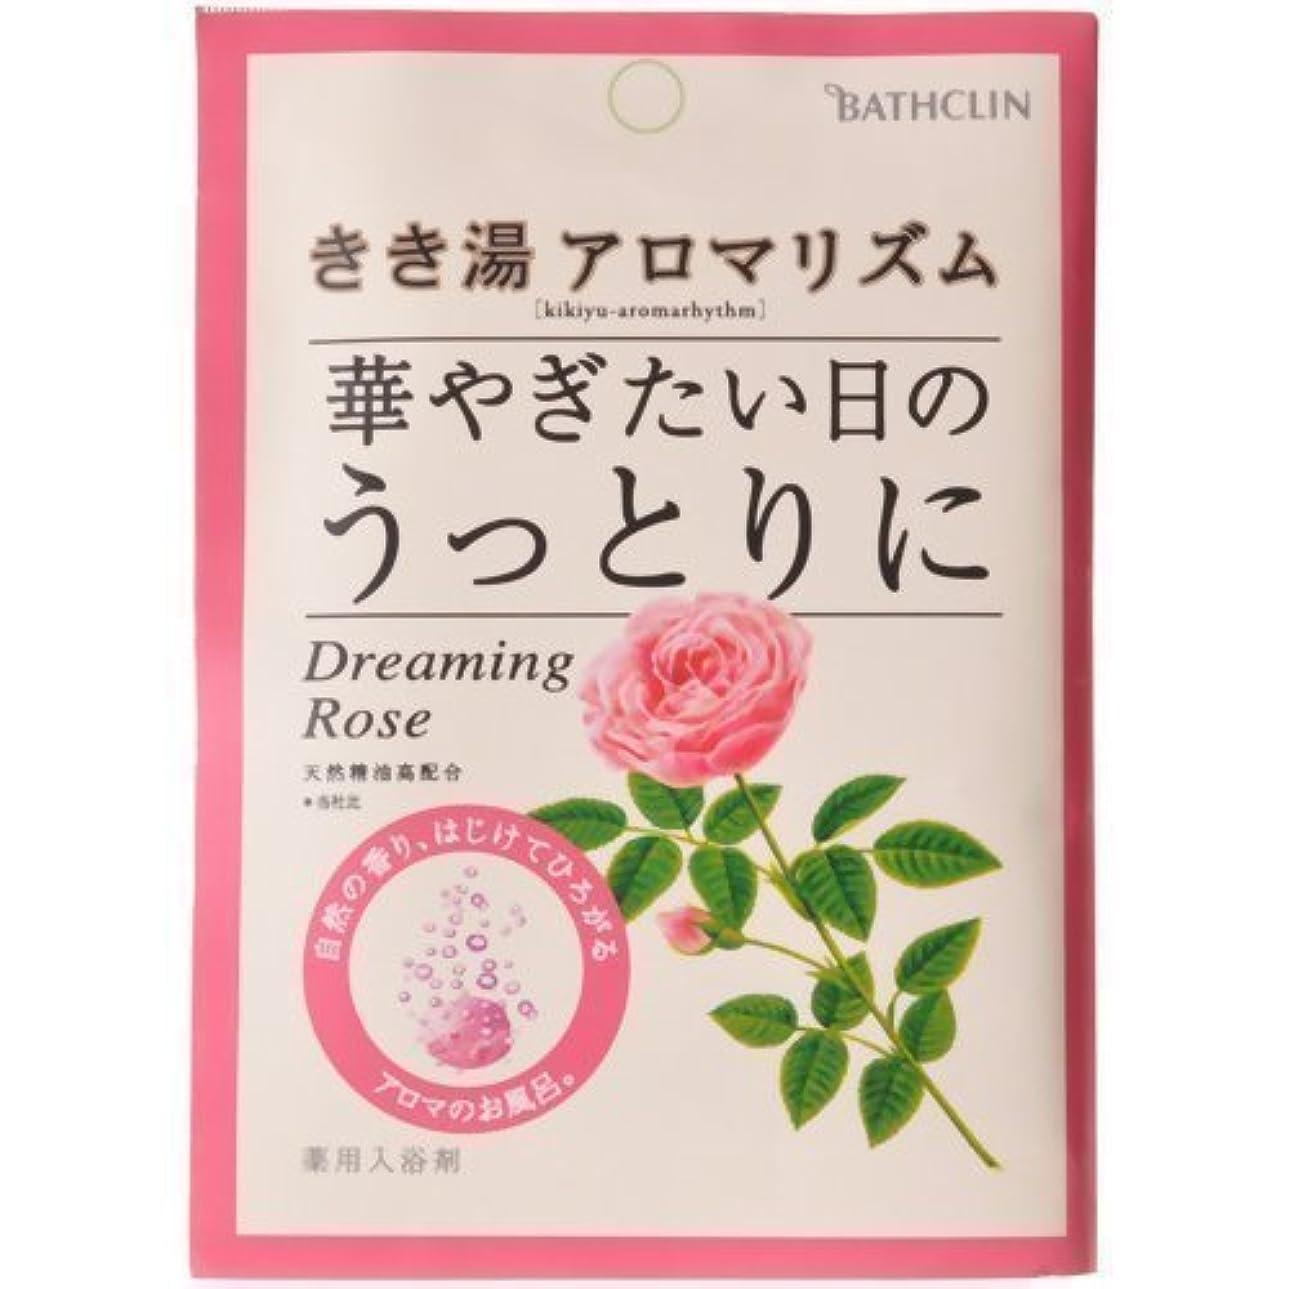 リーフレットぼかし代替案【まとめ買い】きき湯 アロマリズム ドリーミングローズの香り 30g ×4個